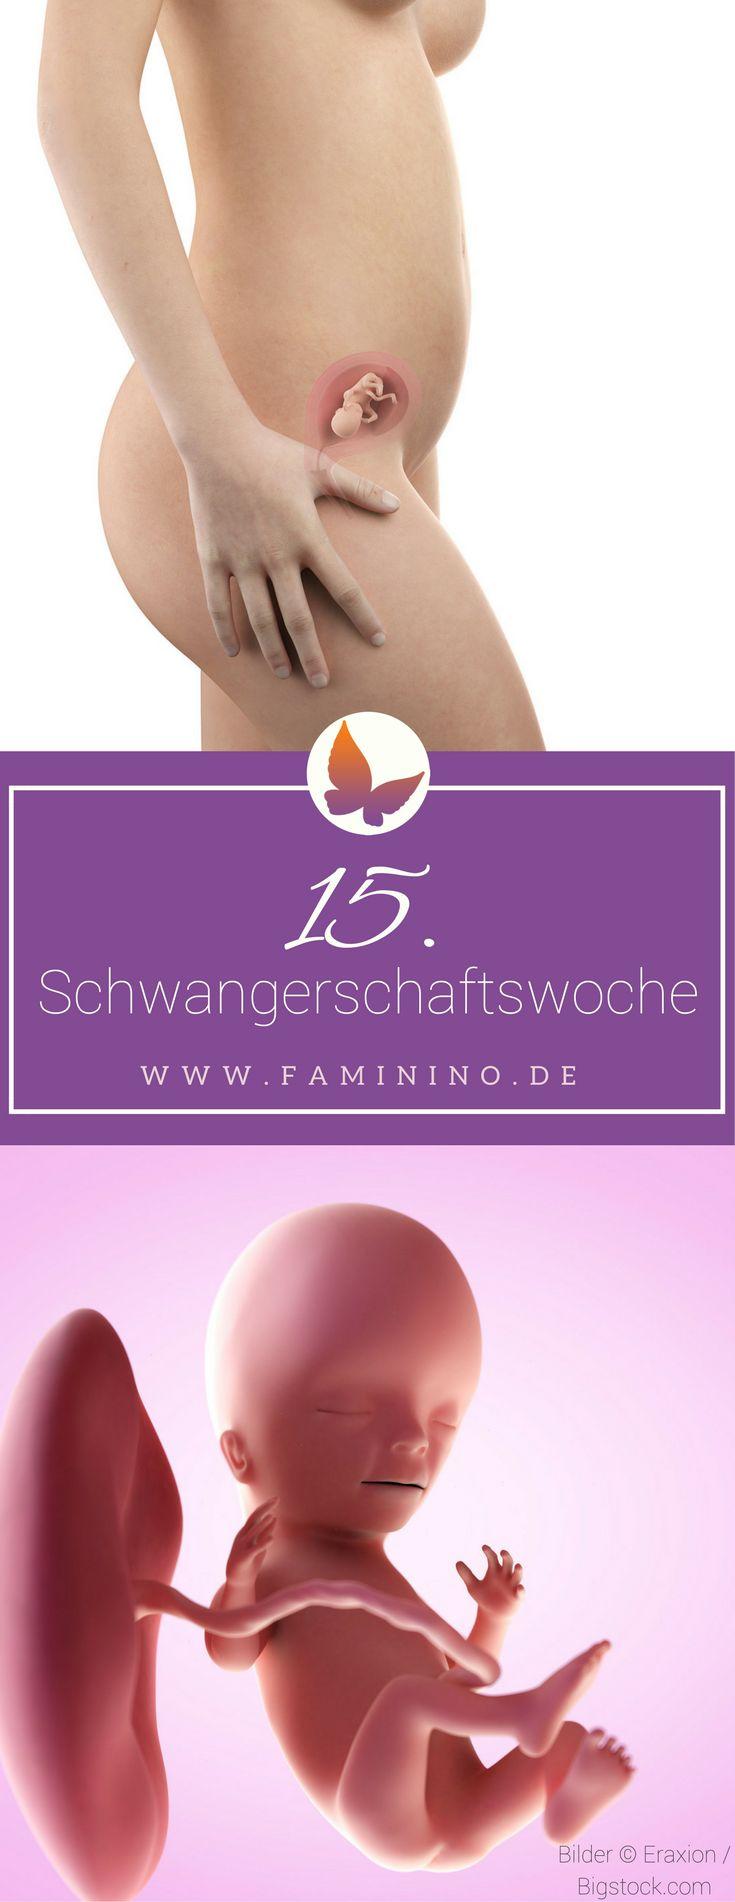 15. SSW (Schwangerschaftswoche)